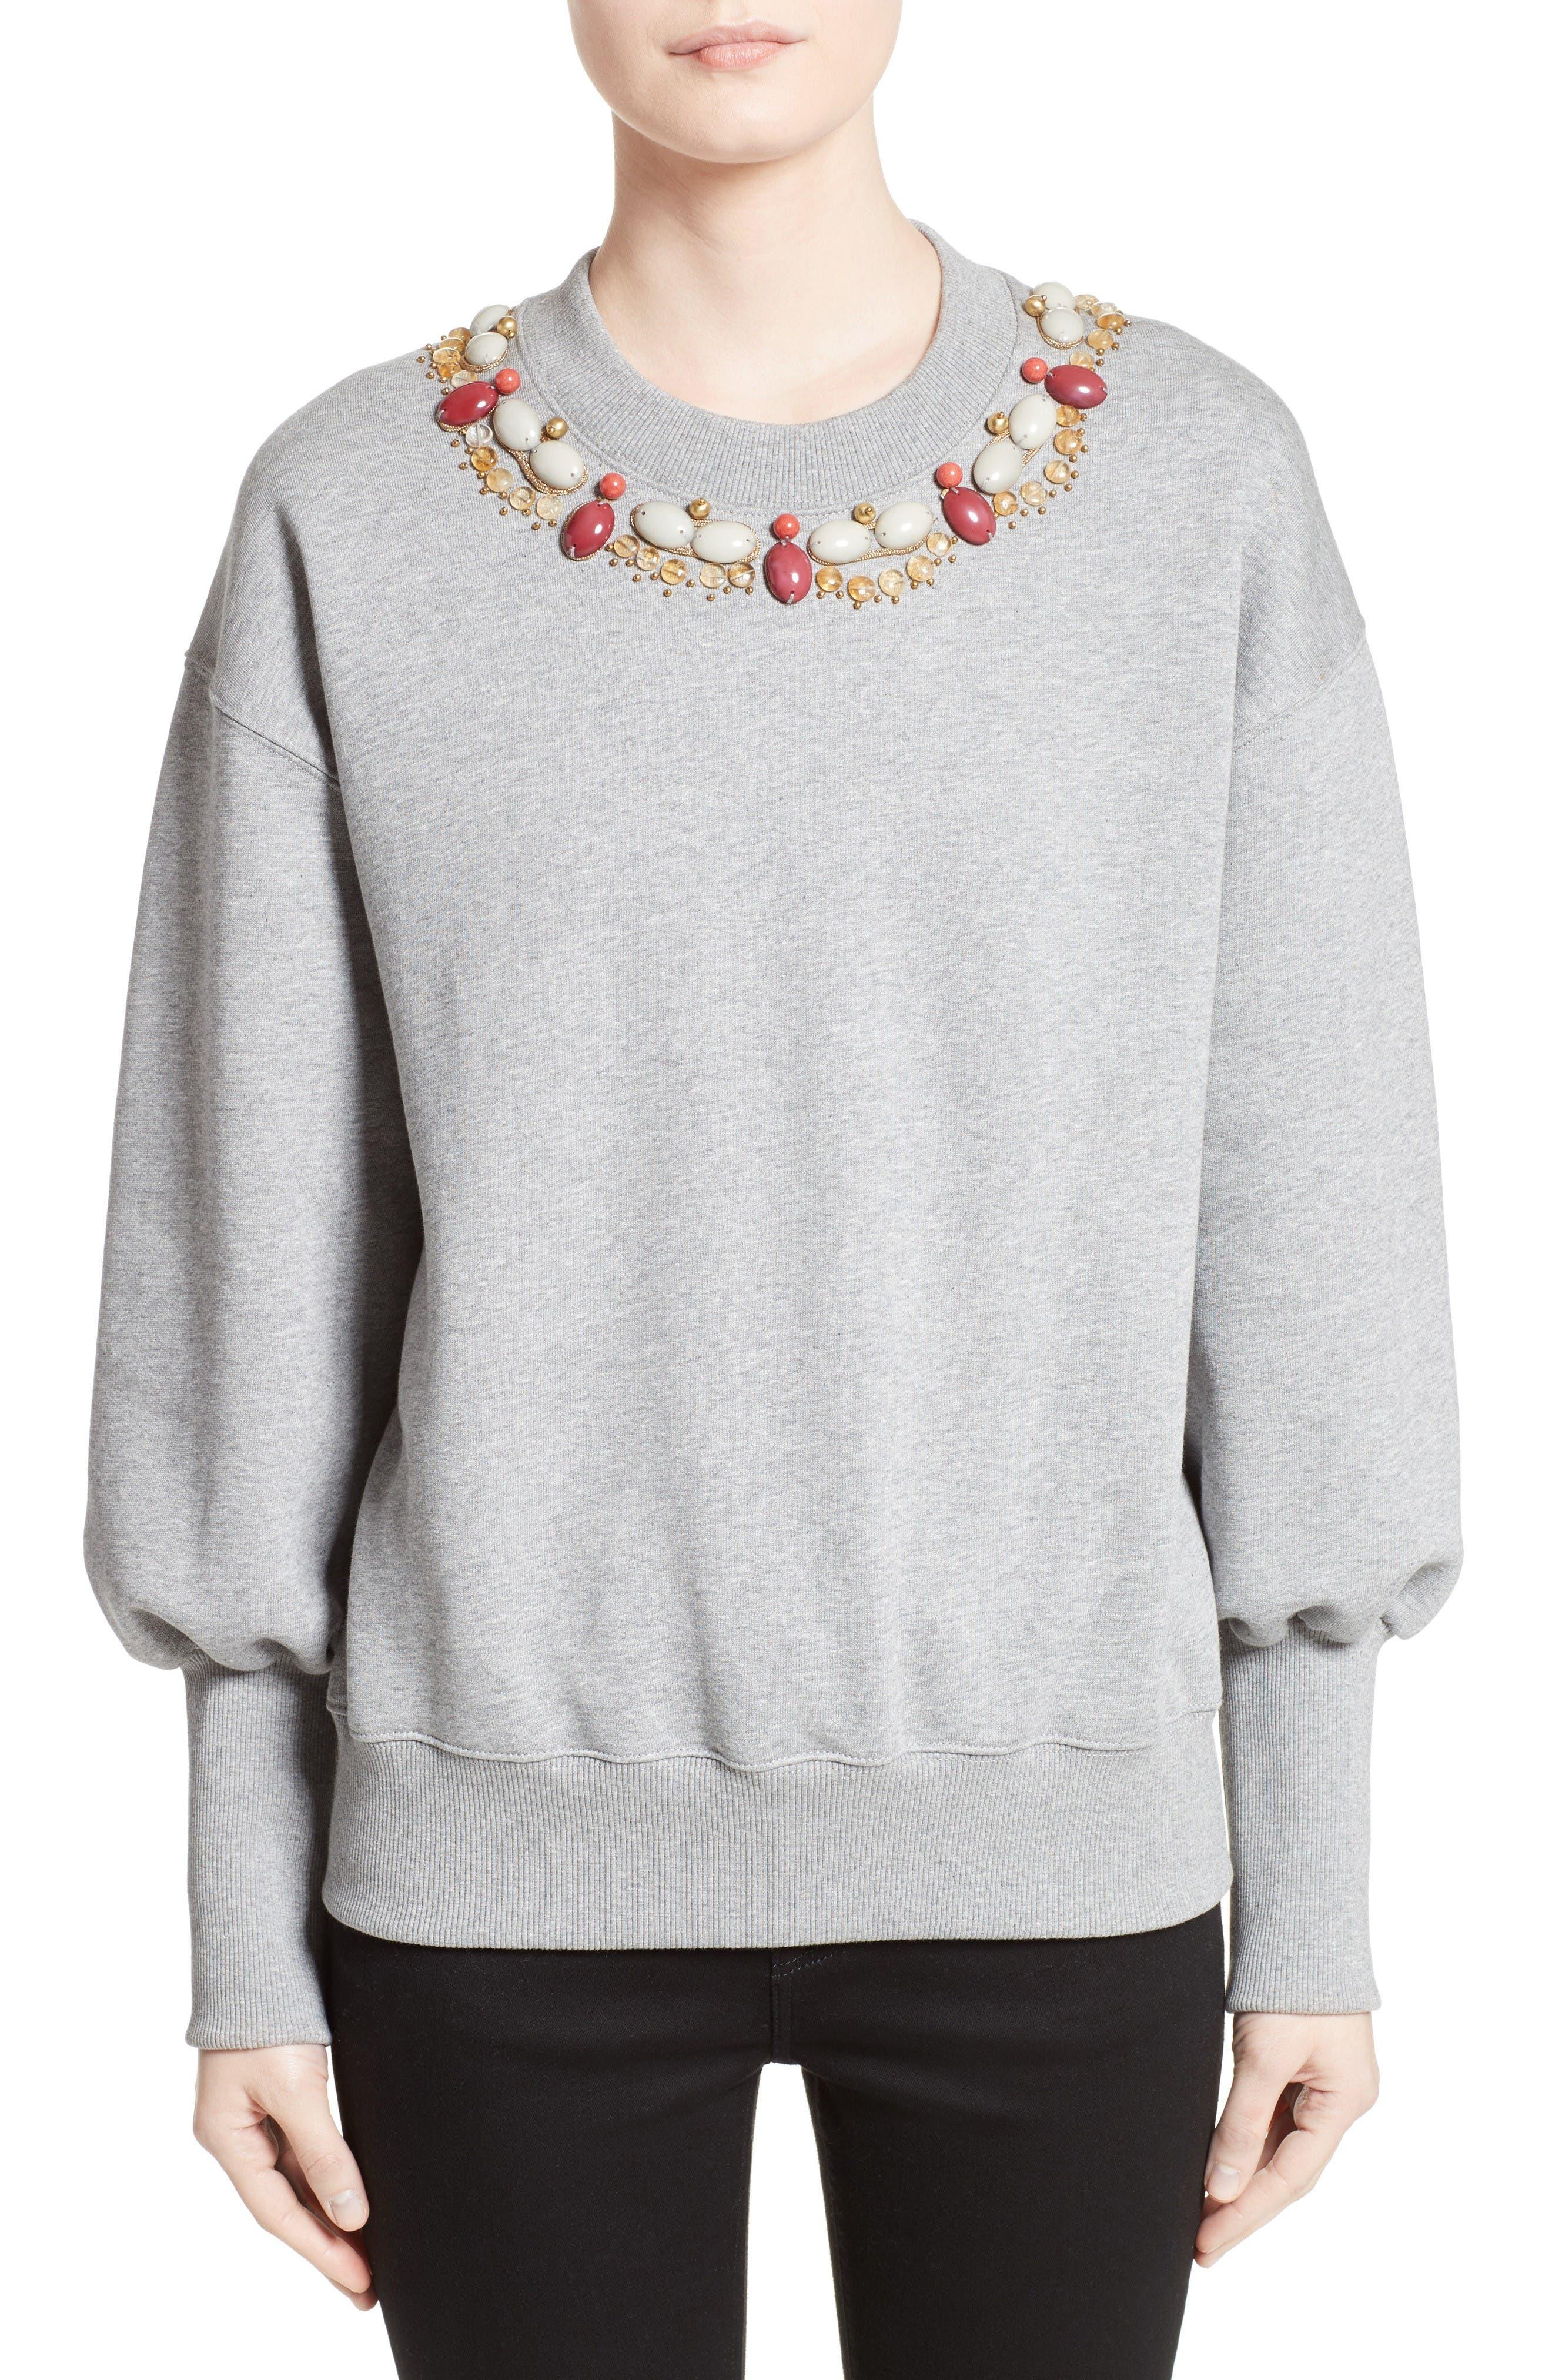 Main Image - Burberry Juliano Embellished Sweatshirt